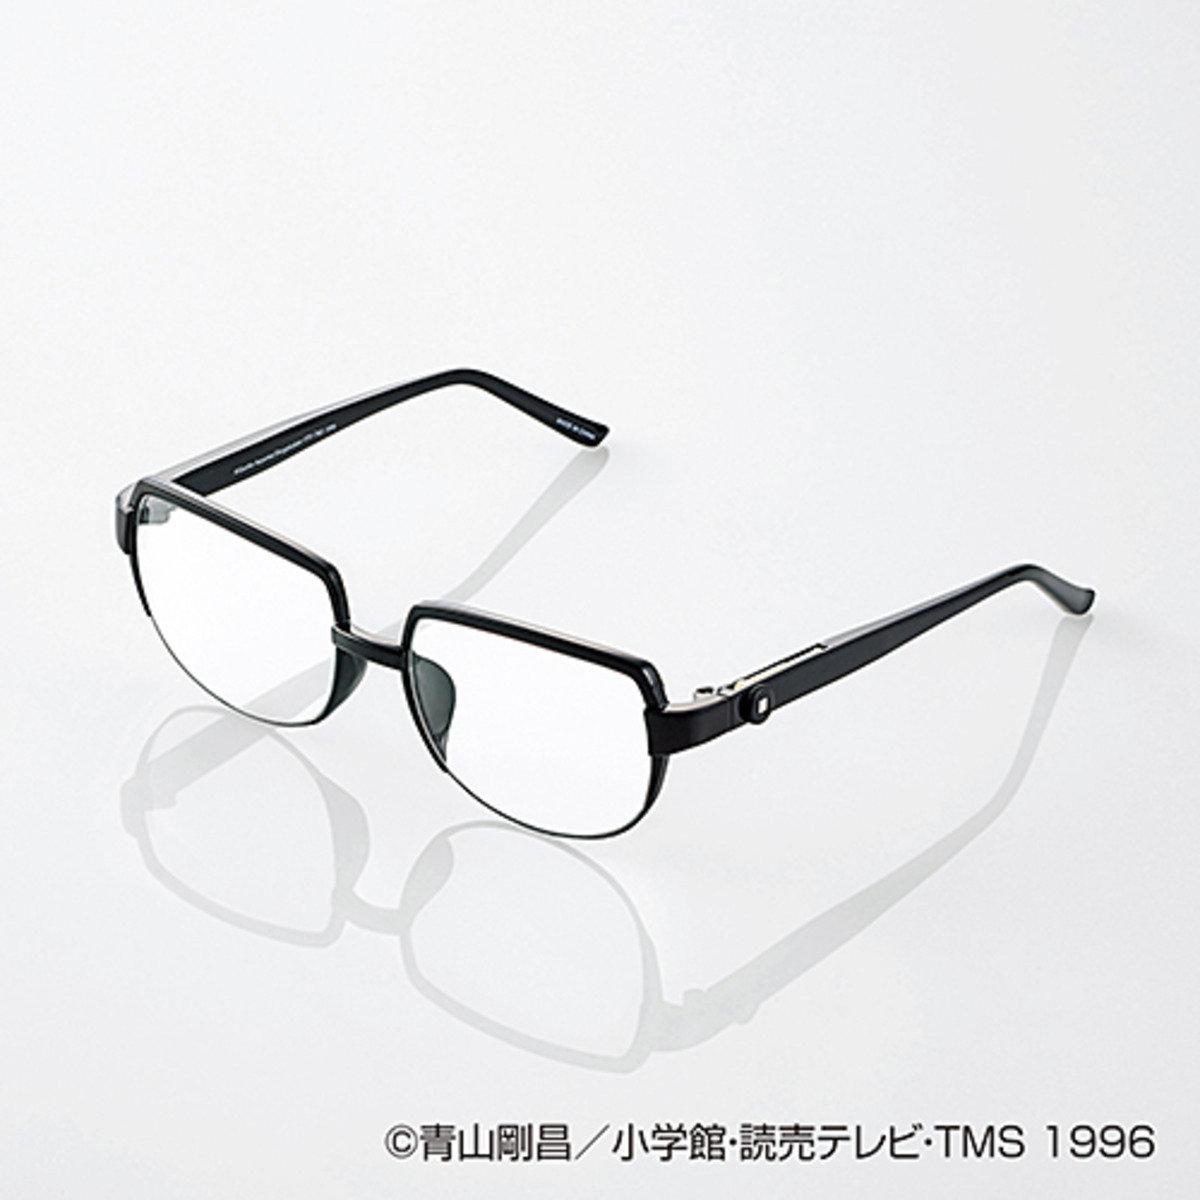 """""""名偵探柯南""""特別版防藍光眼鏡"""